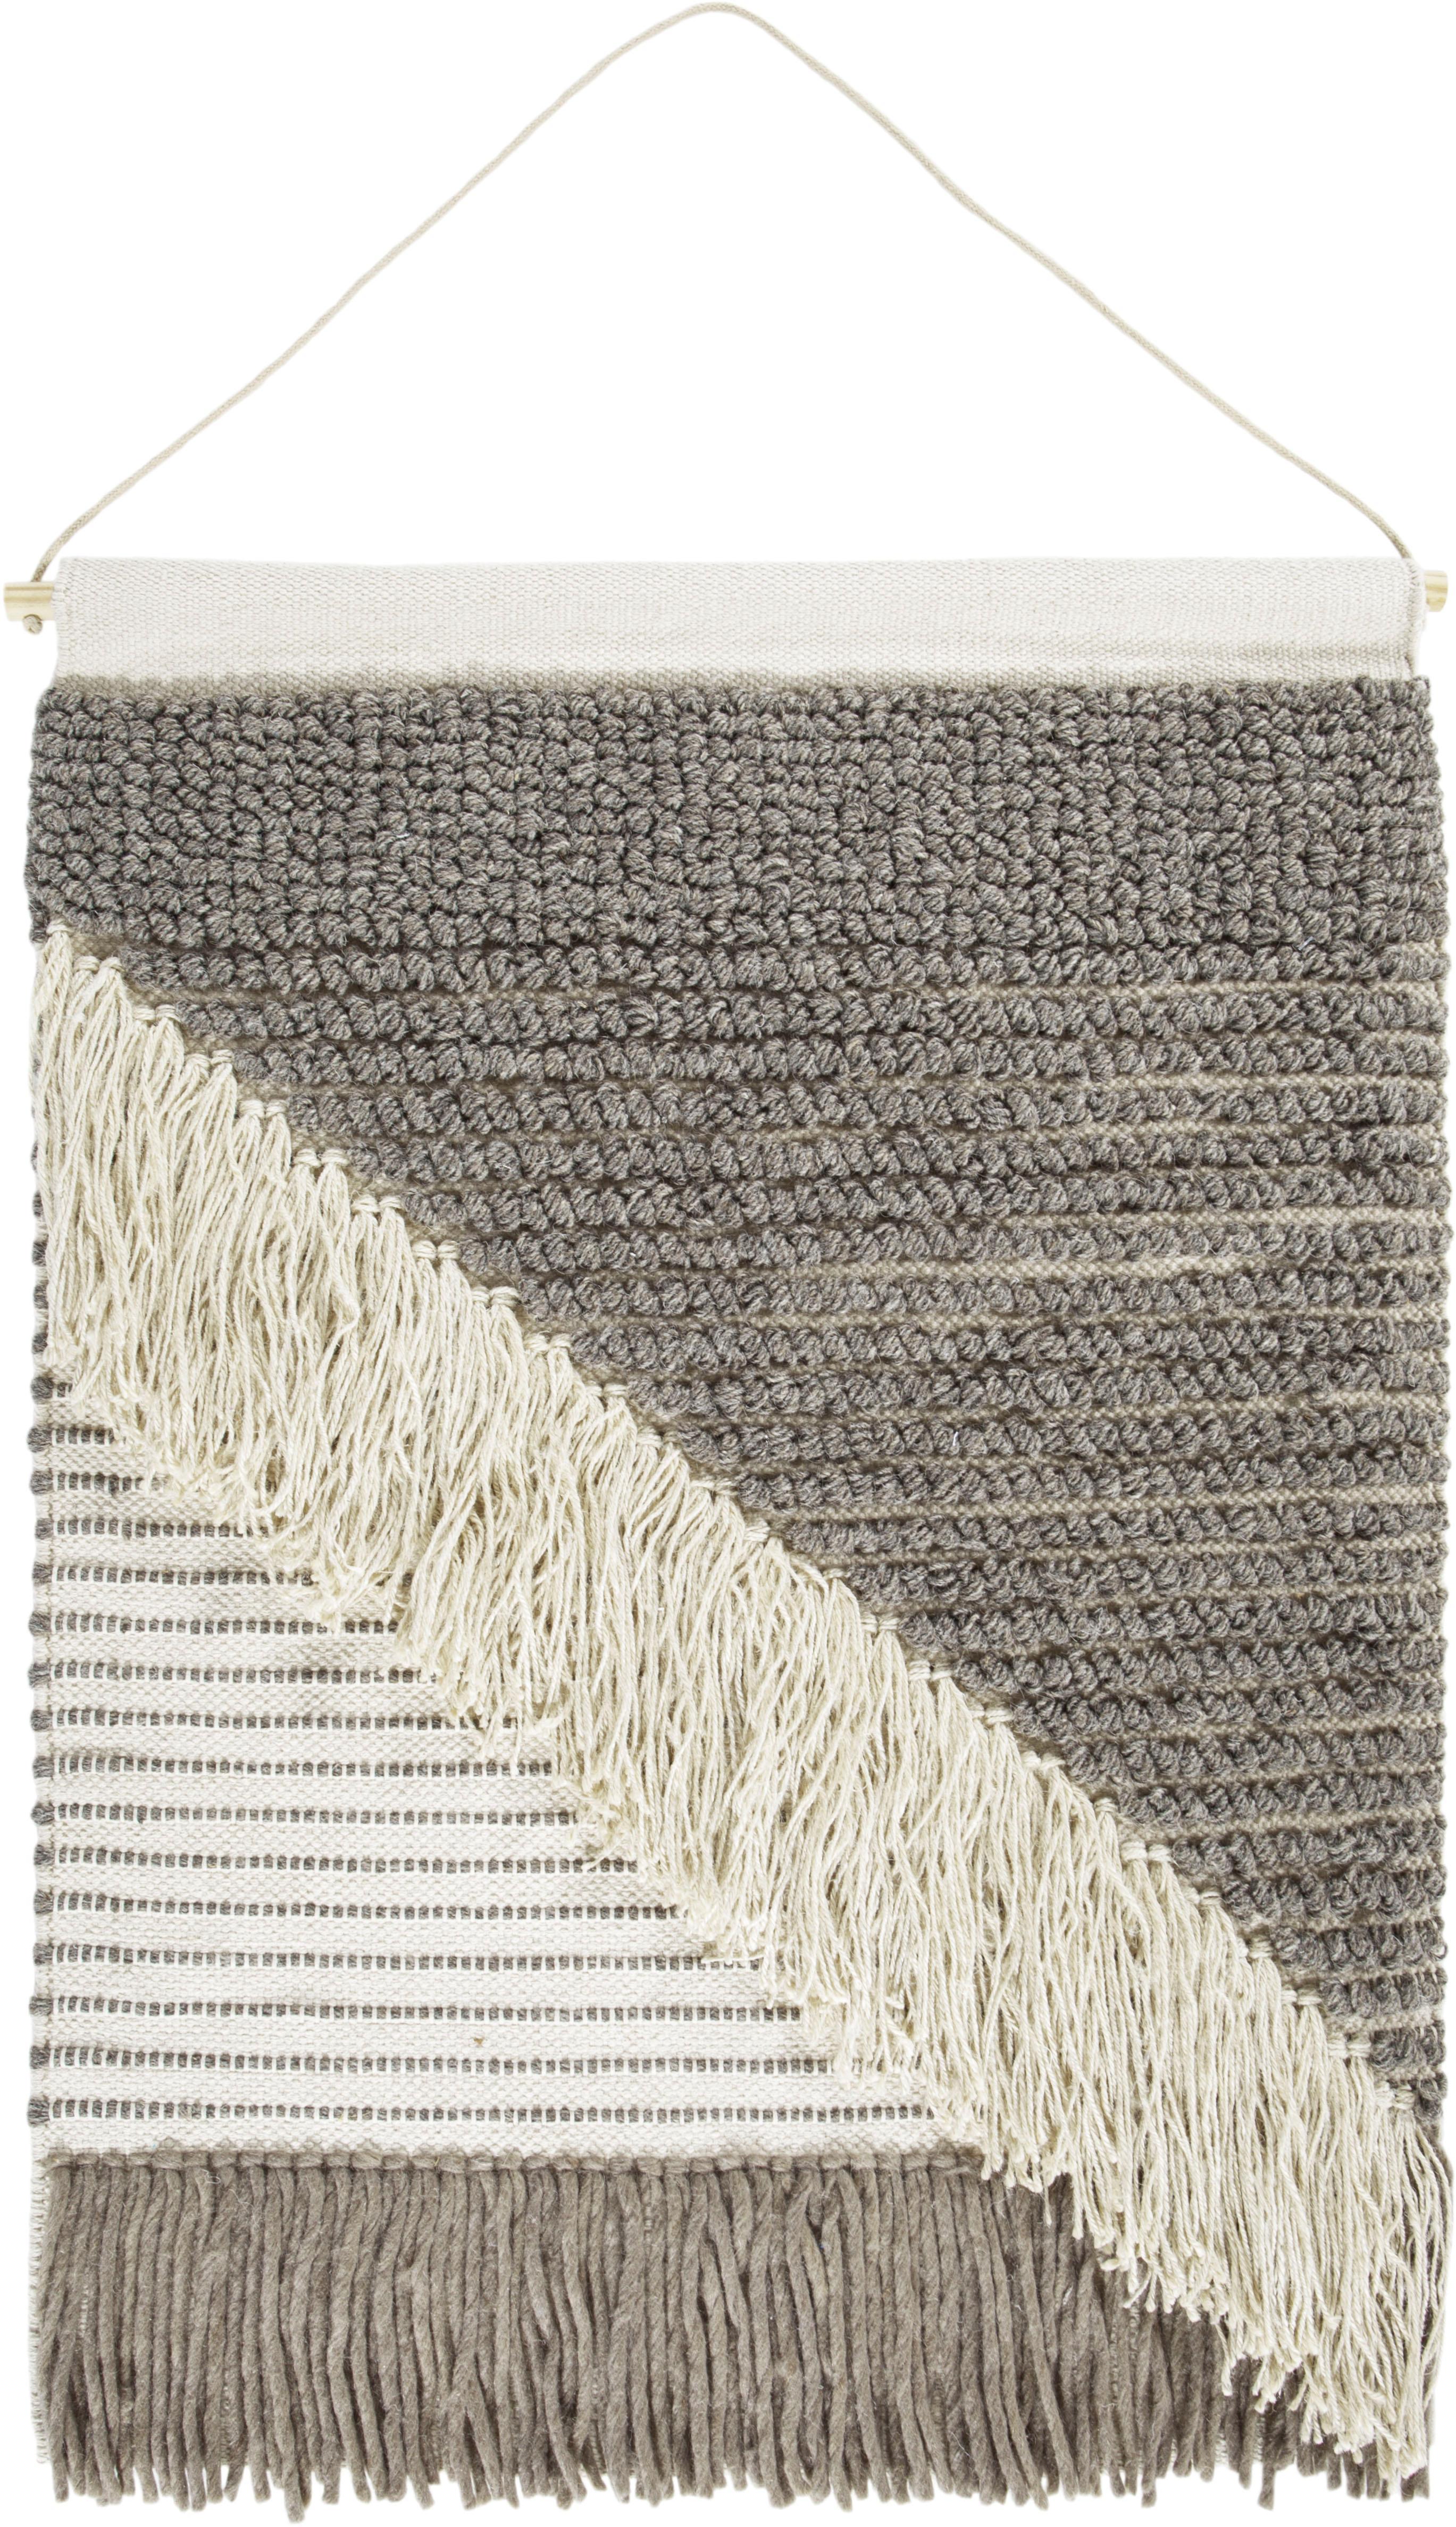 Wandteppich Skagen 3 LUXOR living rechteckig Höhe 10 mm handgewebt | Heimtextilien > Teppiche > Wandteppich | Grau | Wolle | Luxor Living